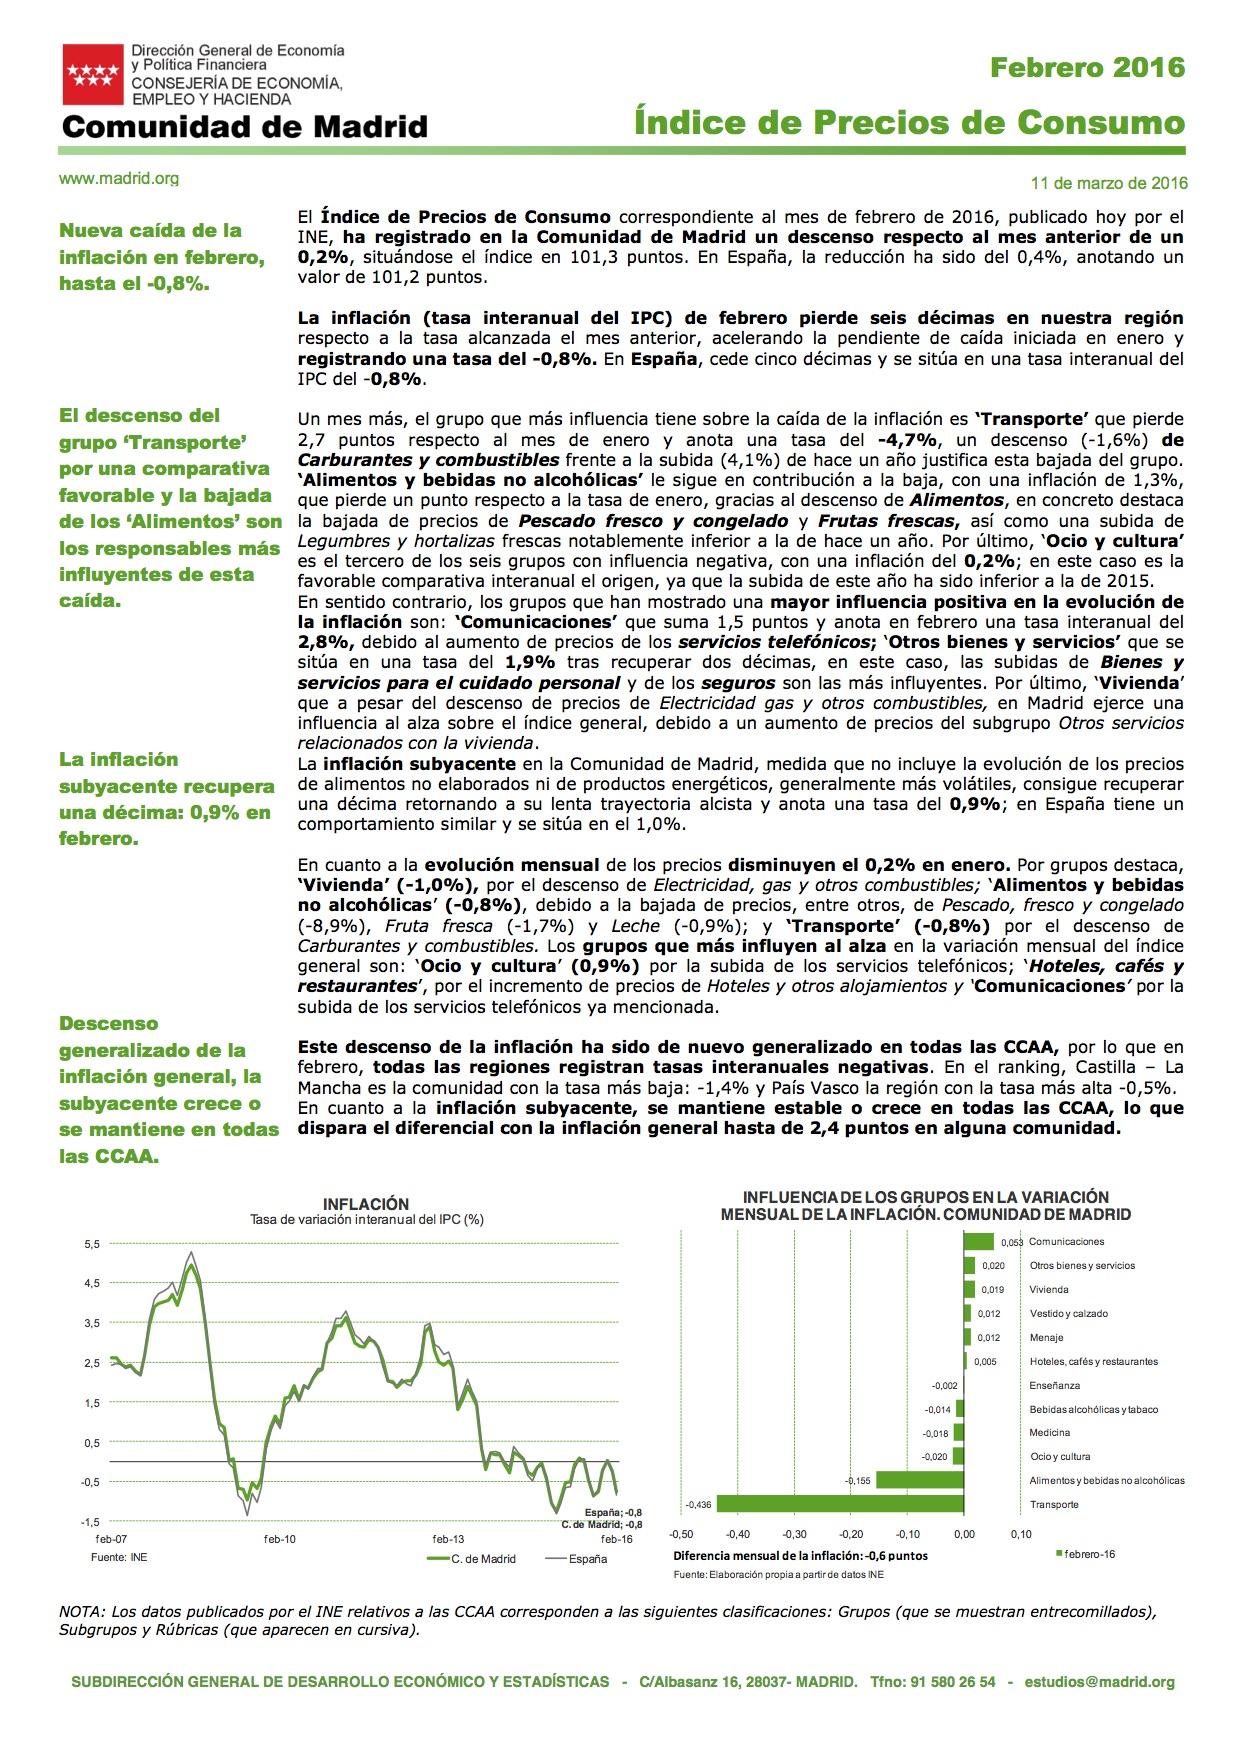 IPC 2Febrero 2016 Comunidad de Madrid_nota